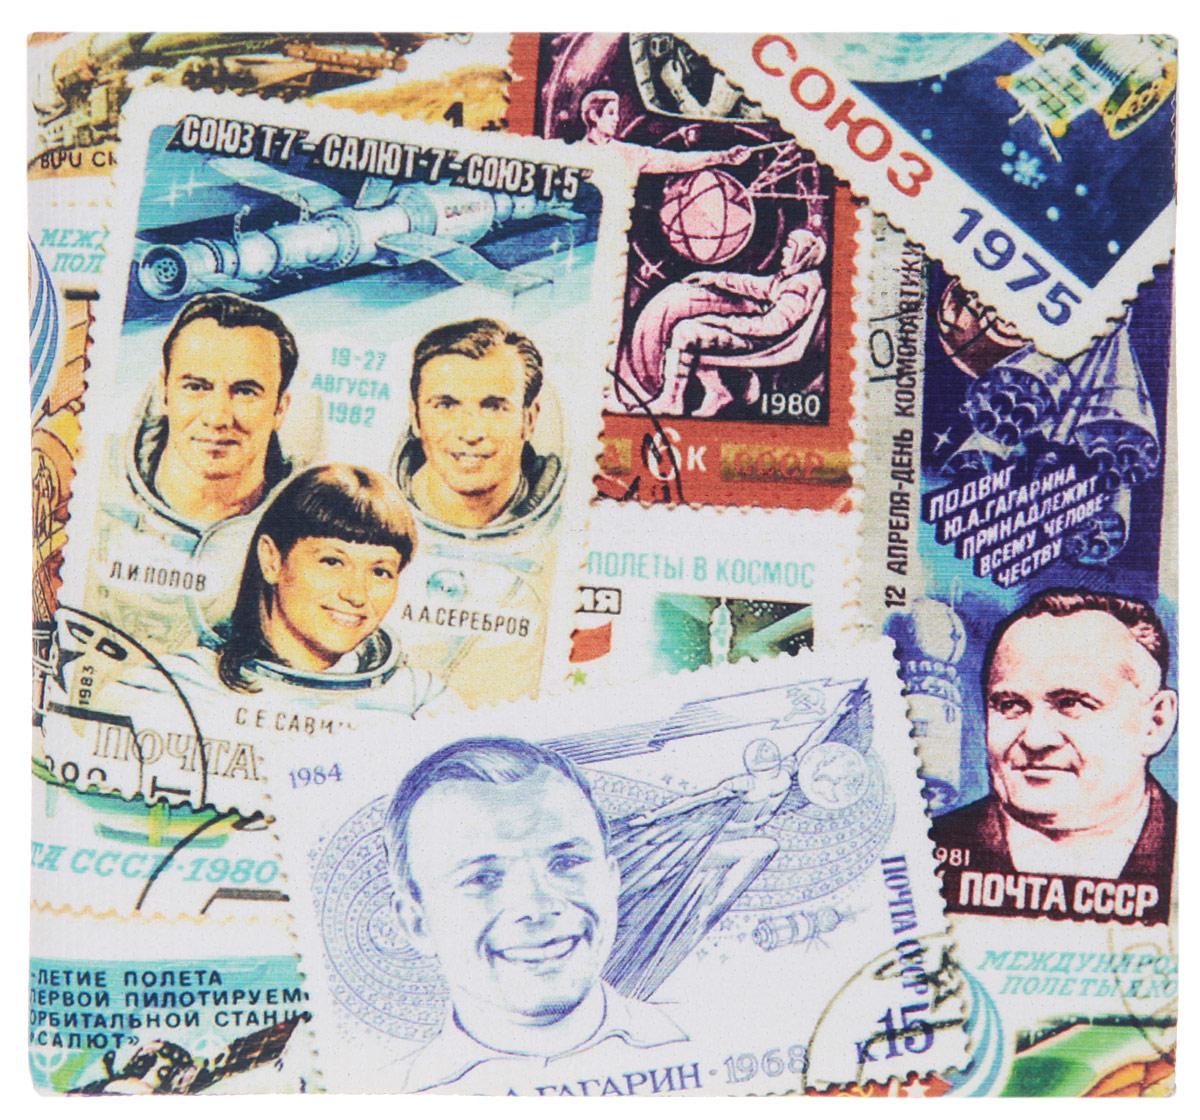 Кошелек Mitya Veselkov Космос (марки), цвет: мультиколор. KZAM020KZAM020Авторский, неповторимый кошелек от Mitya Veselkov Космос (марки) выполнен из синтетического материала и оформлен принтом в виде марок с изображением космонавтов. Кошелек раскладывается пополам и содержит отделение для купюр и два врезных кармана для кредитных карт или визиток. Стильный кошелек Mitya Veselkov Космос (марки) станет отличным подарком для творческого человека.